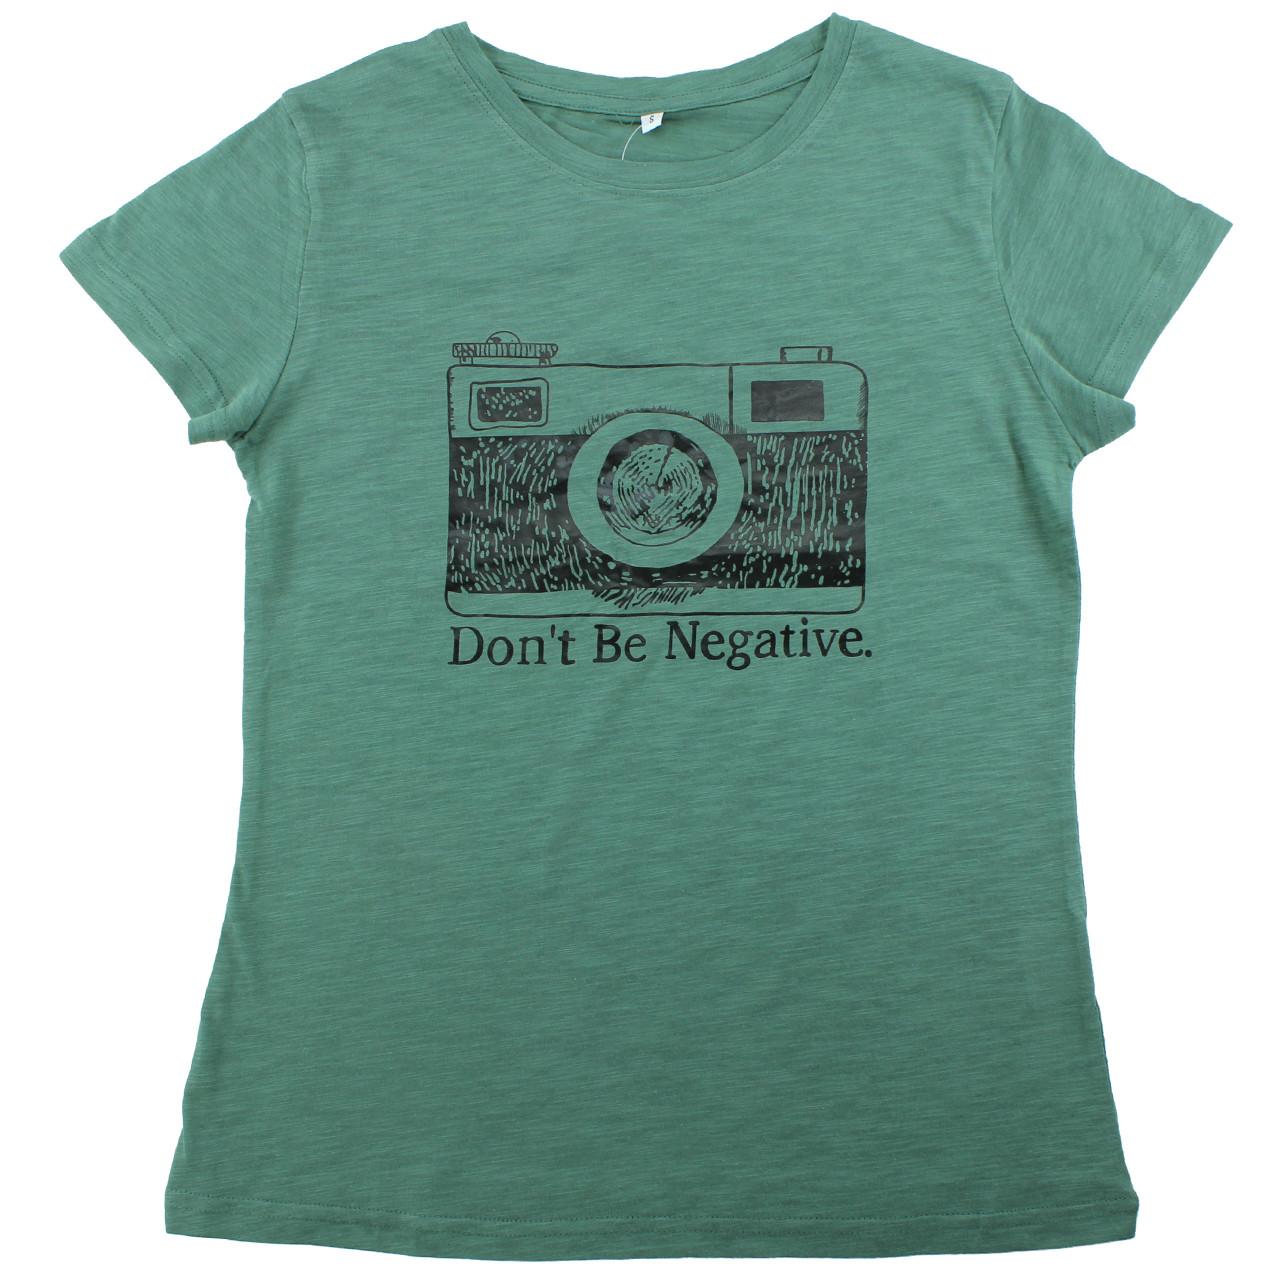 Крутая модная футболка хлопковая женская летняя футболка с принтом камеры в стиле ретро зеленая